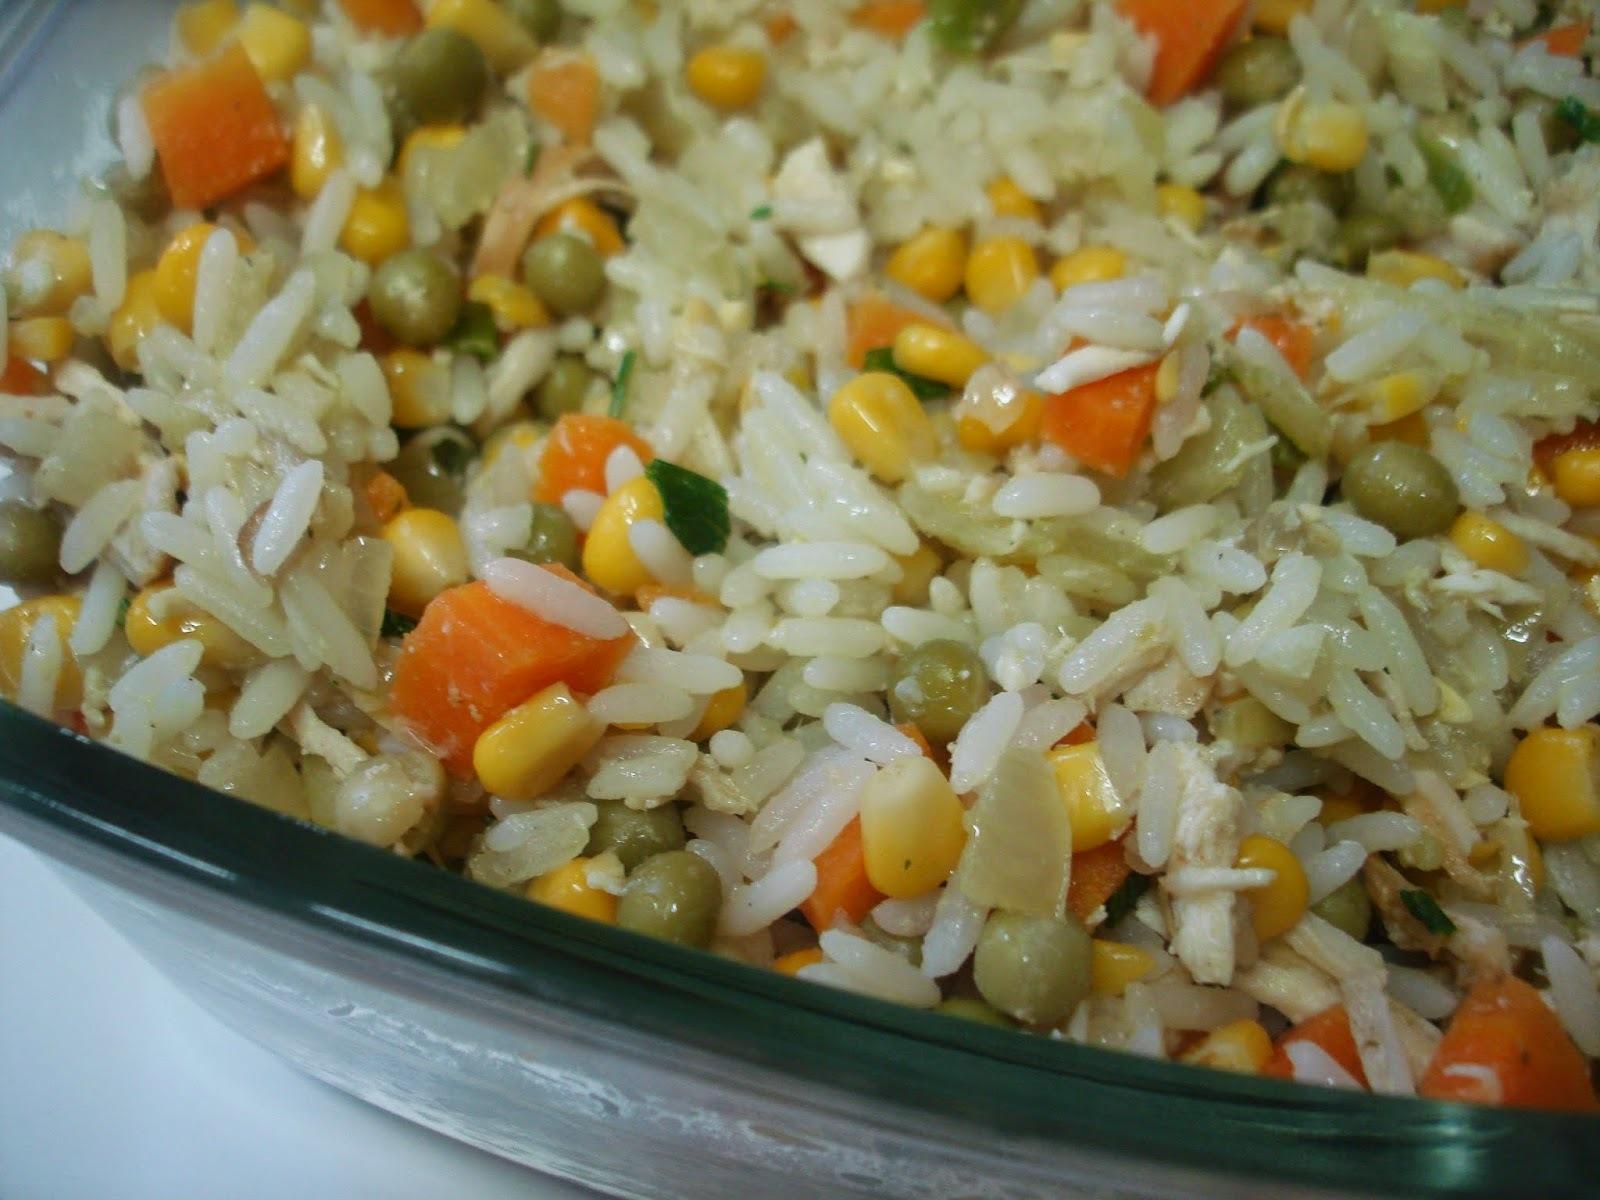 arroz com frango desfiado simples